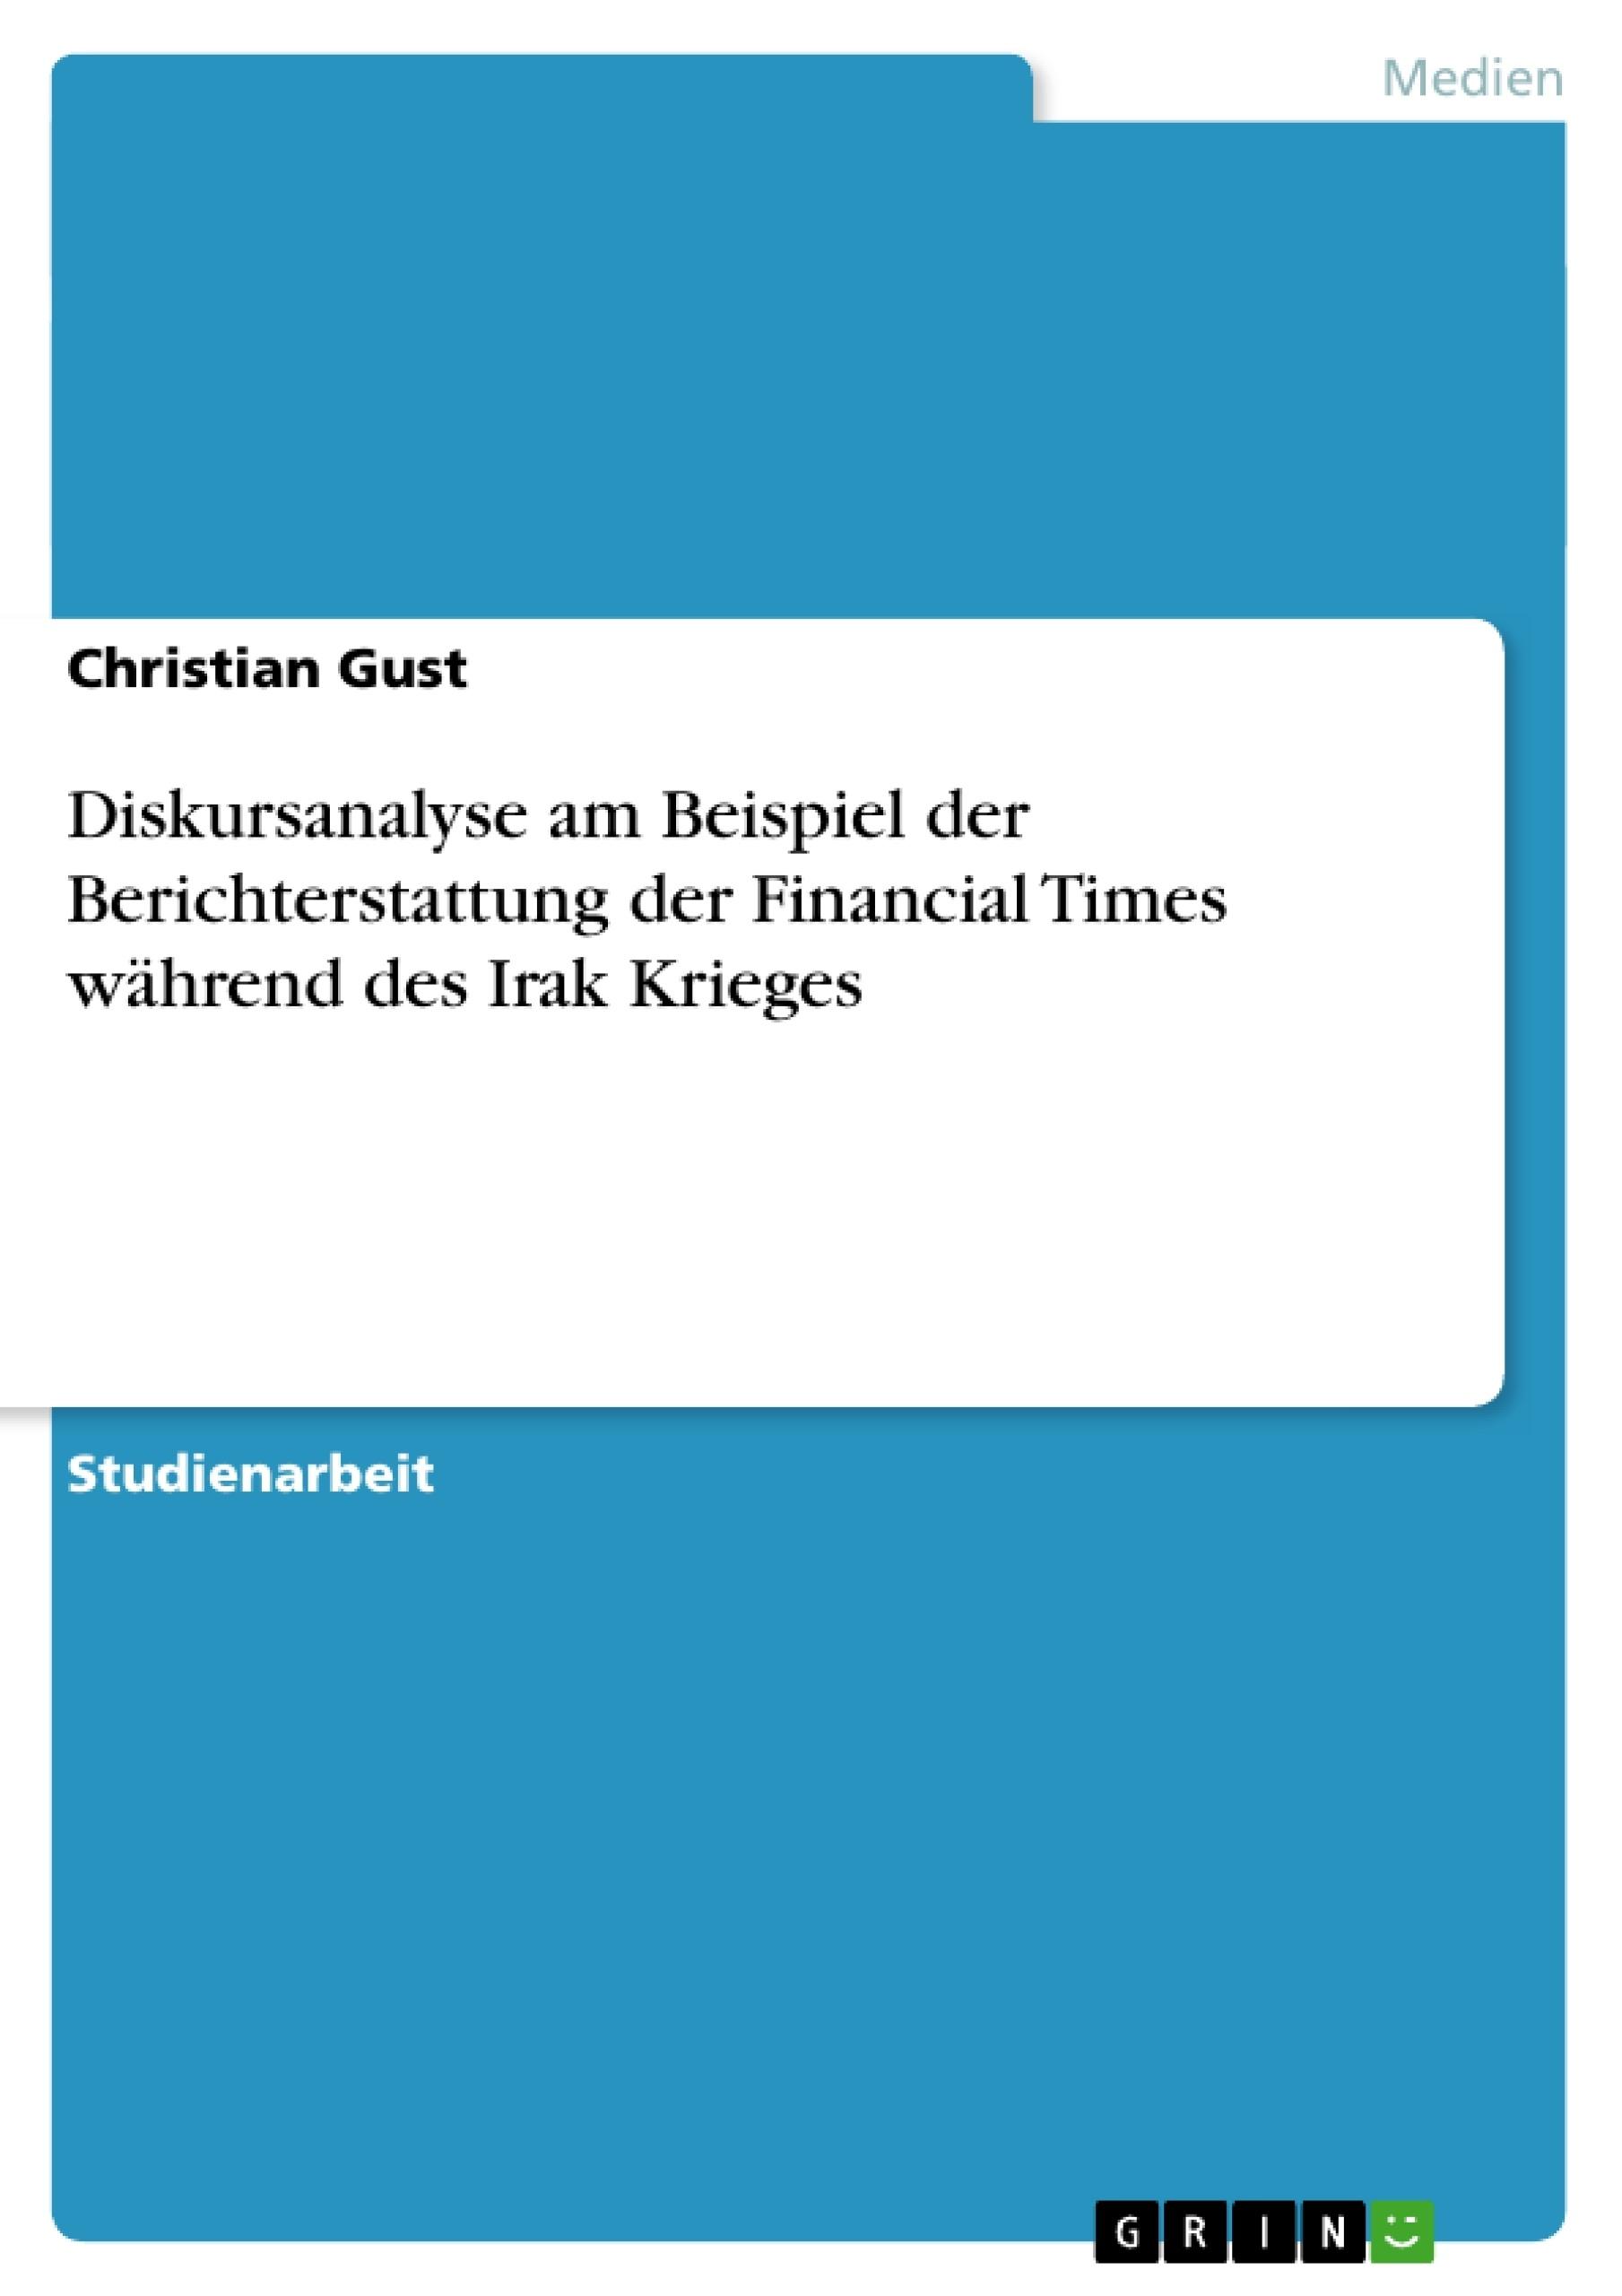 Titel: Diskursanalyse am Beispiel der Berichterstattung der Financial Times während des Irak Krieges